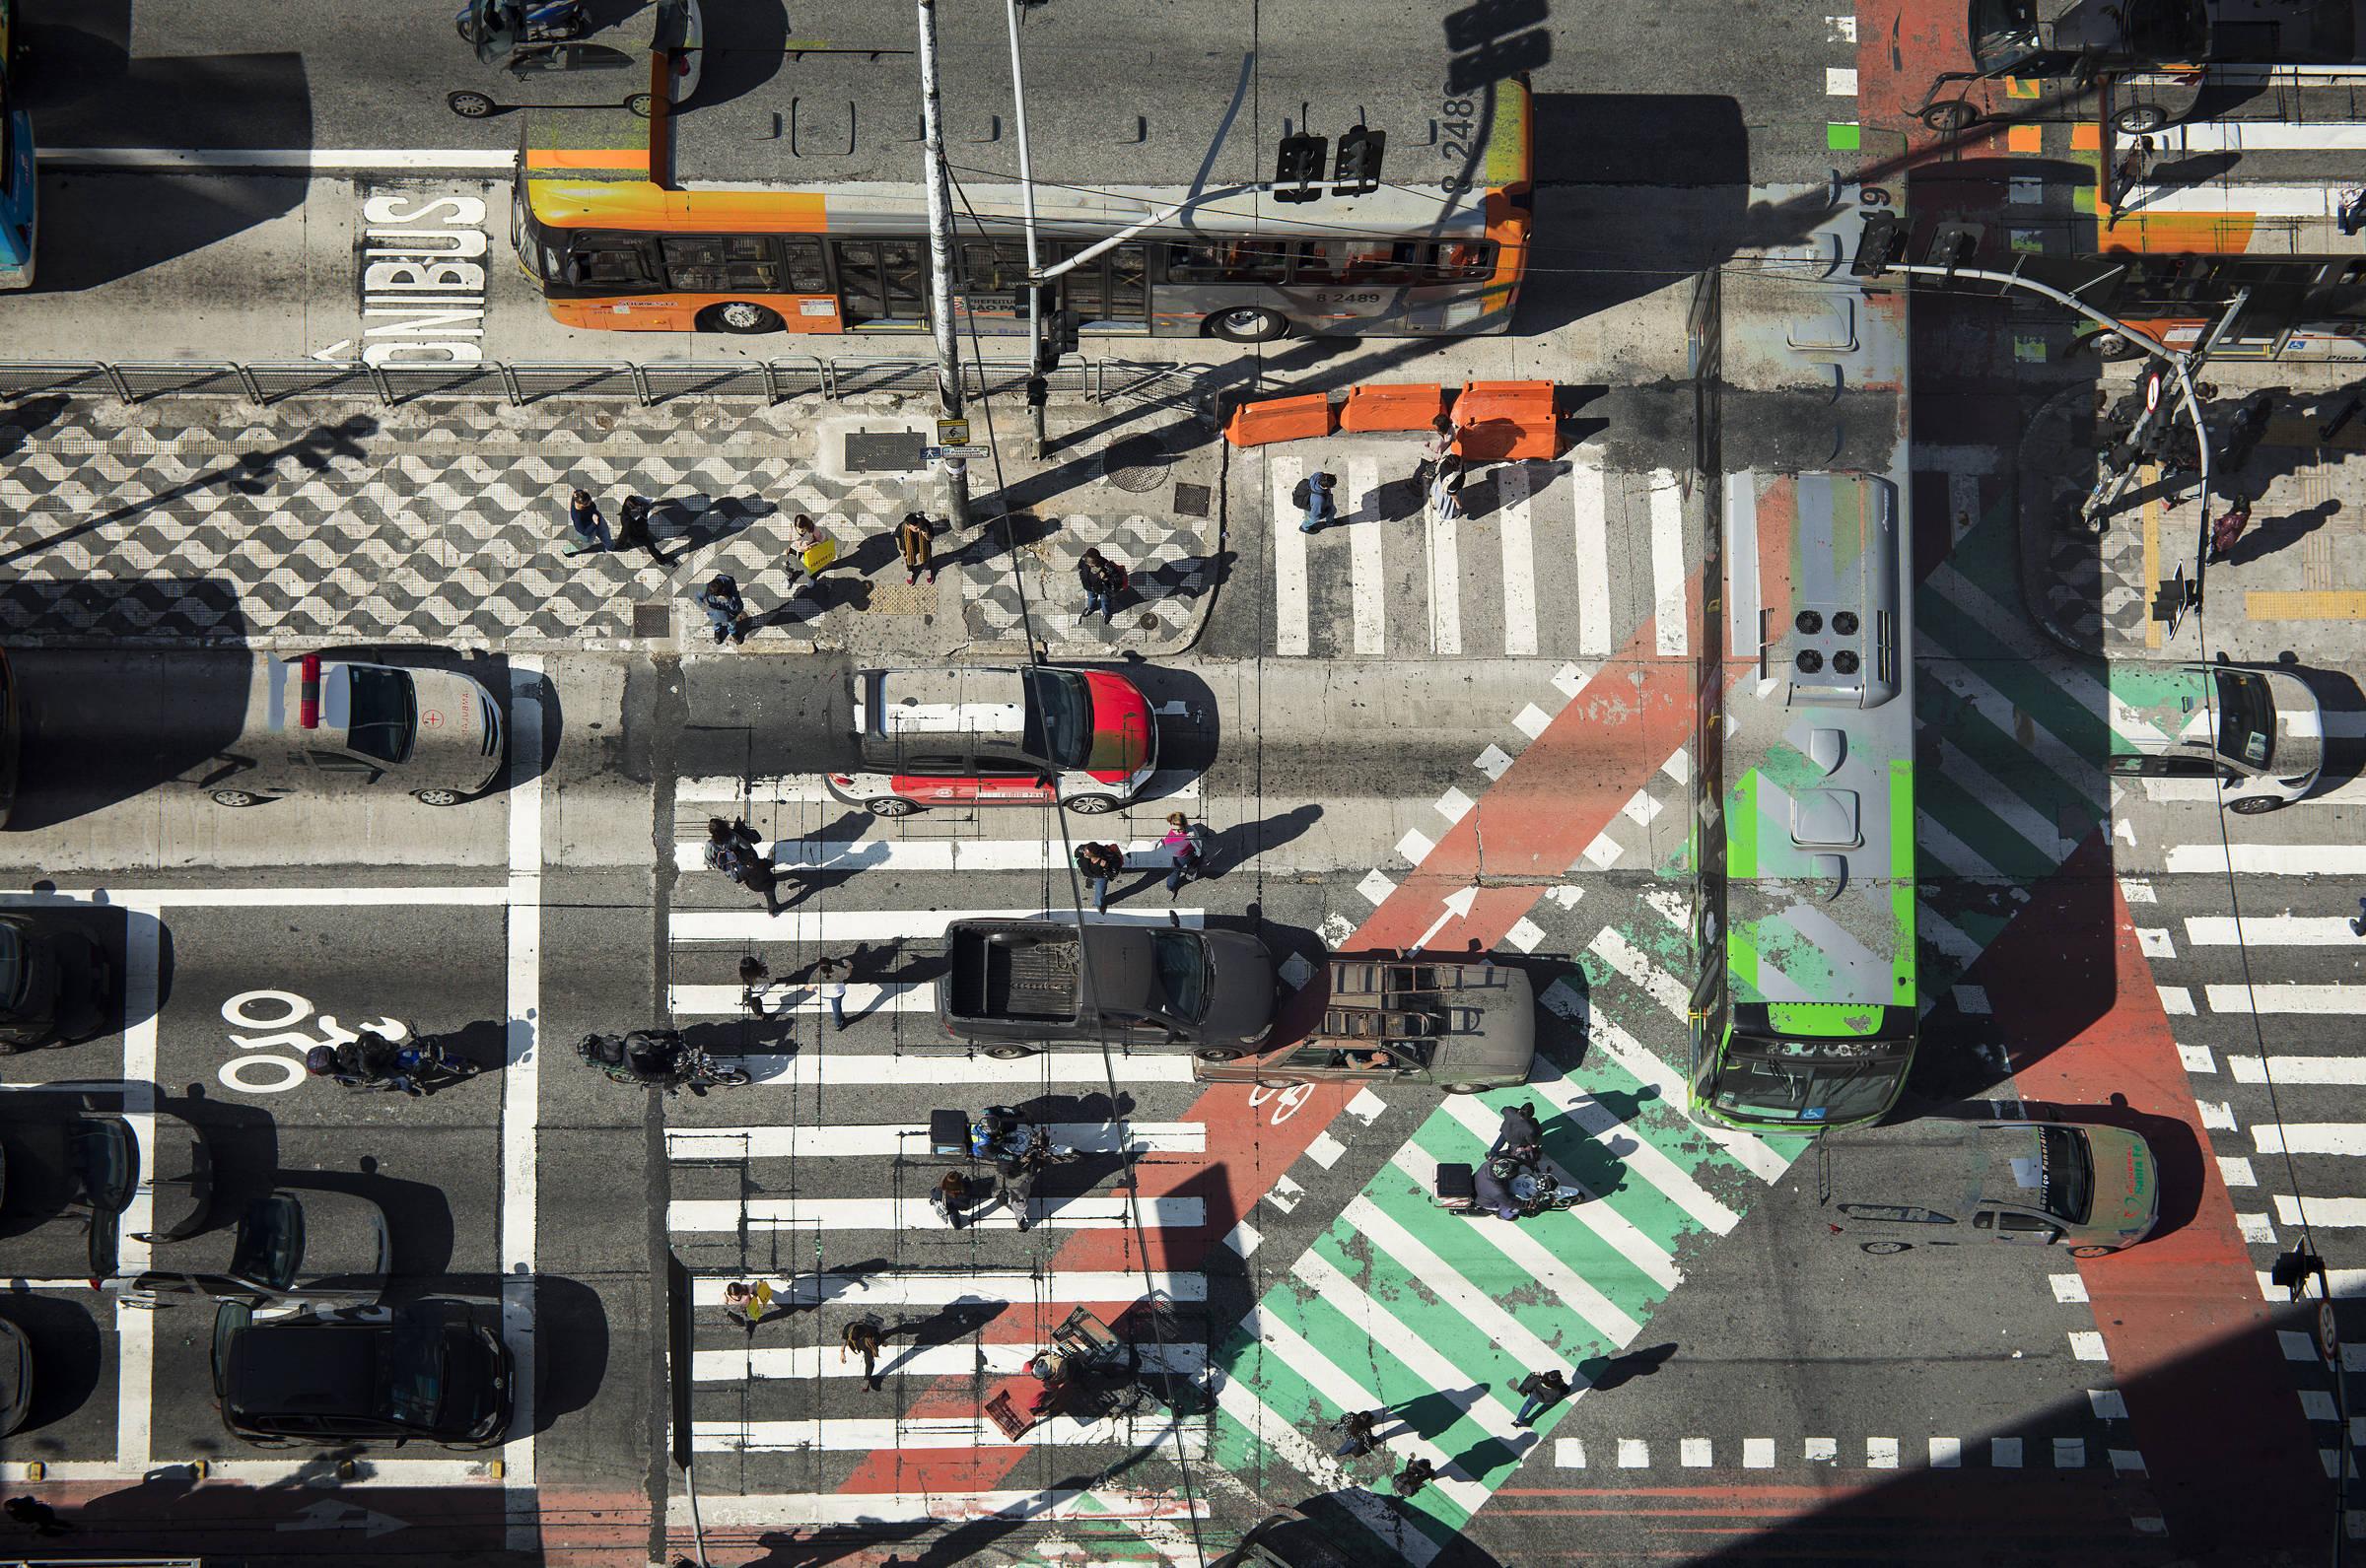 Montadoras são indagadas sobre posição ecológica frente a atraso na redução da poluição veicular